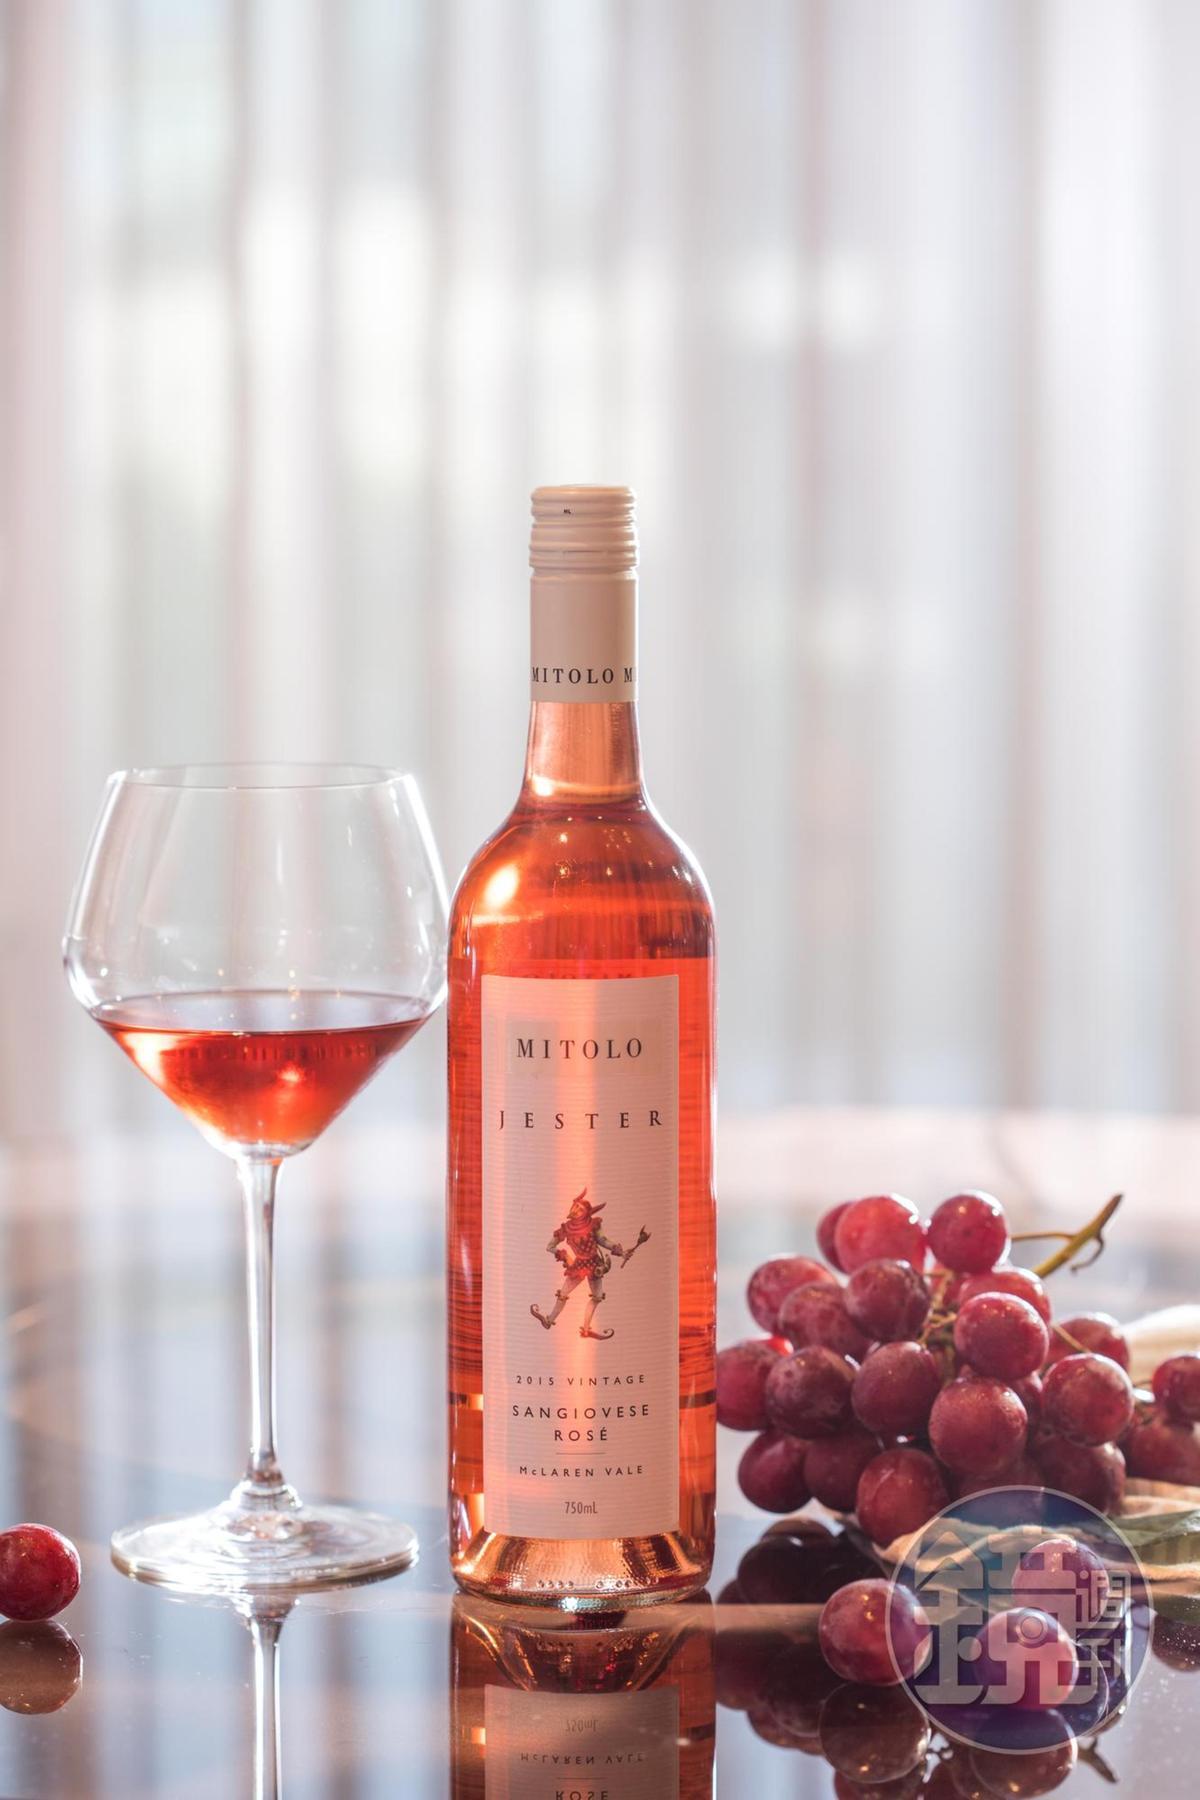 有草莓、香瓜風味的「Mitolo Jester Sangiovese Rose 2015」 ,是圓潤的開胃酒。(1,400元/瓶)